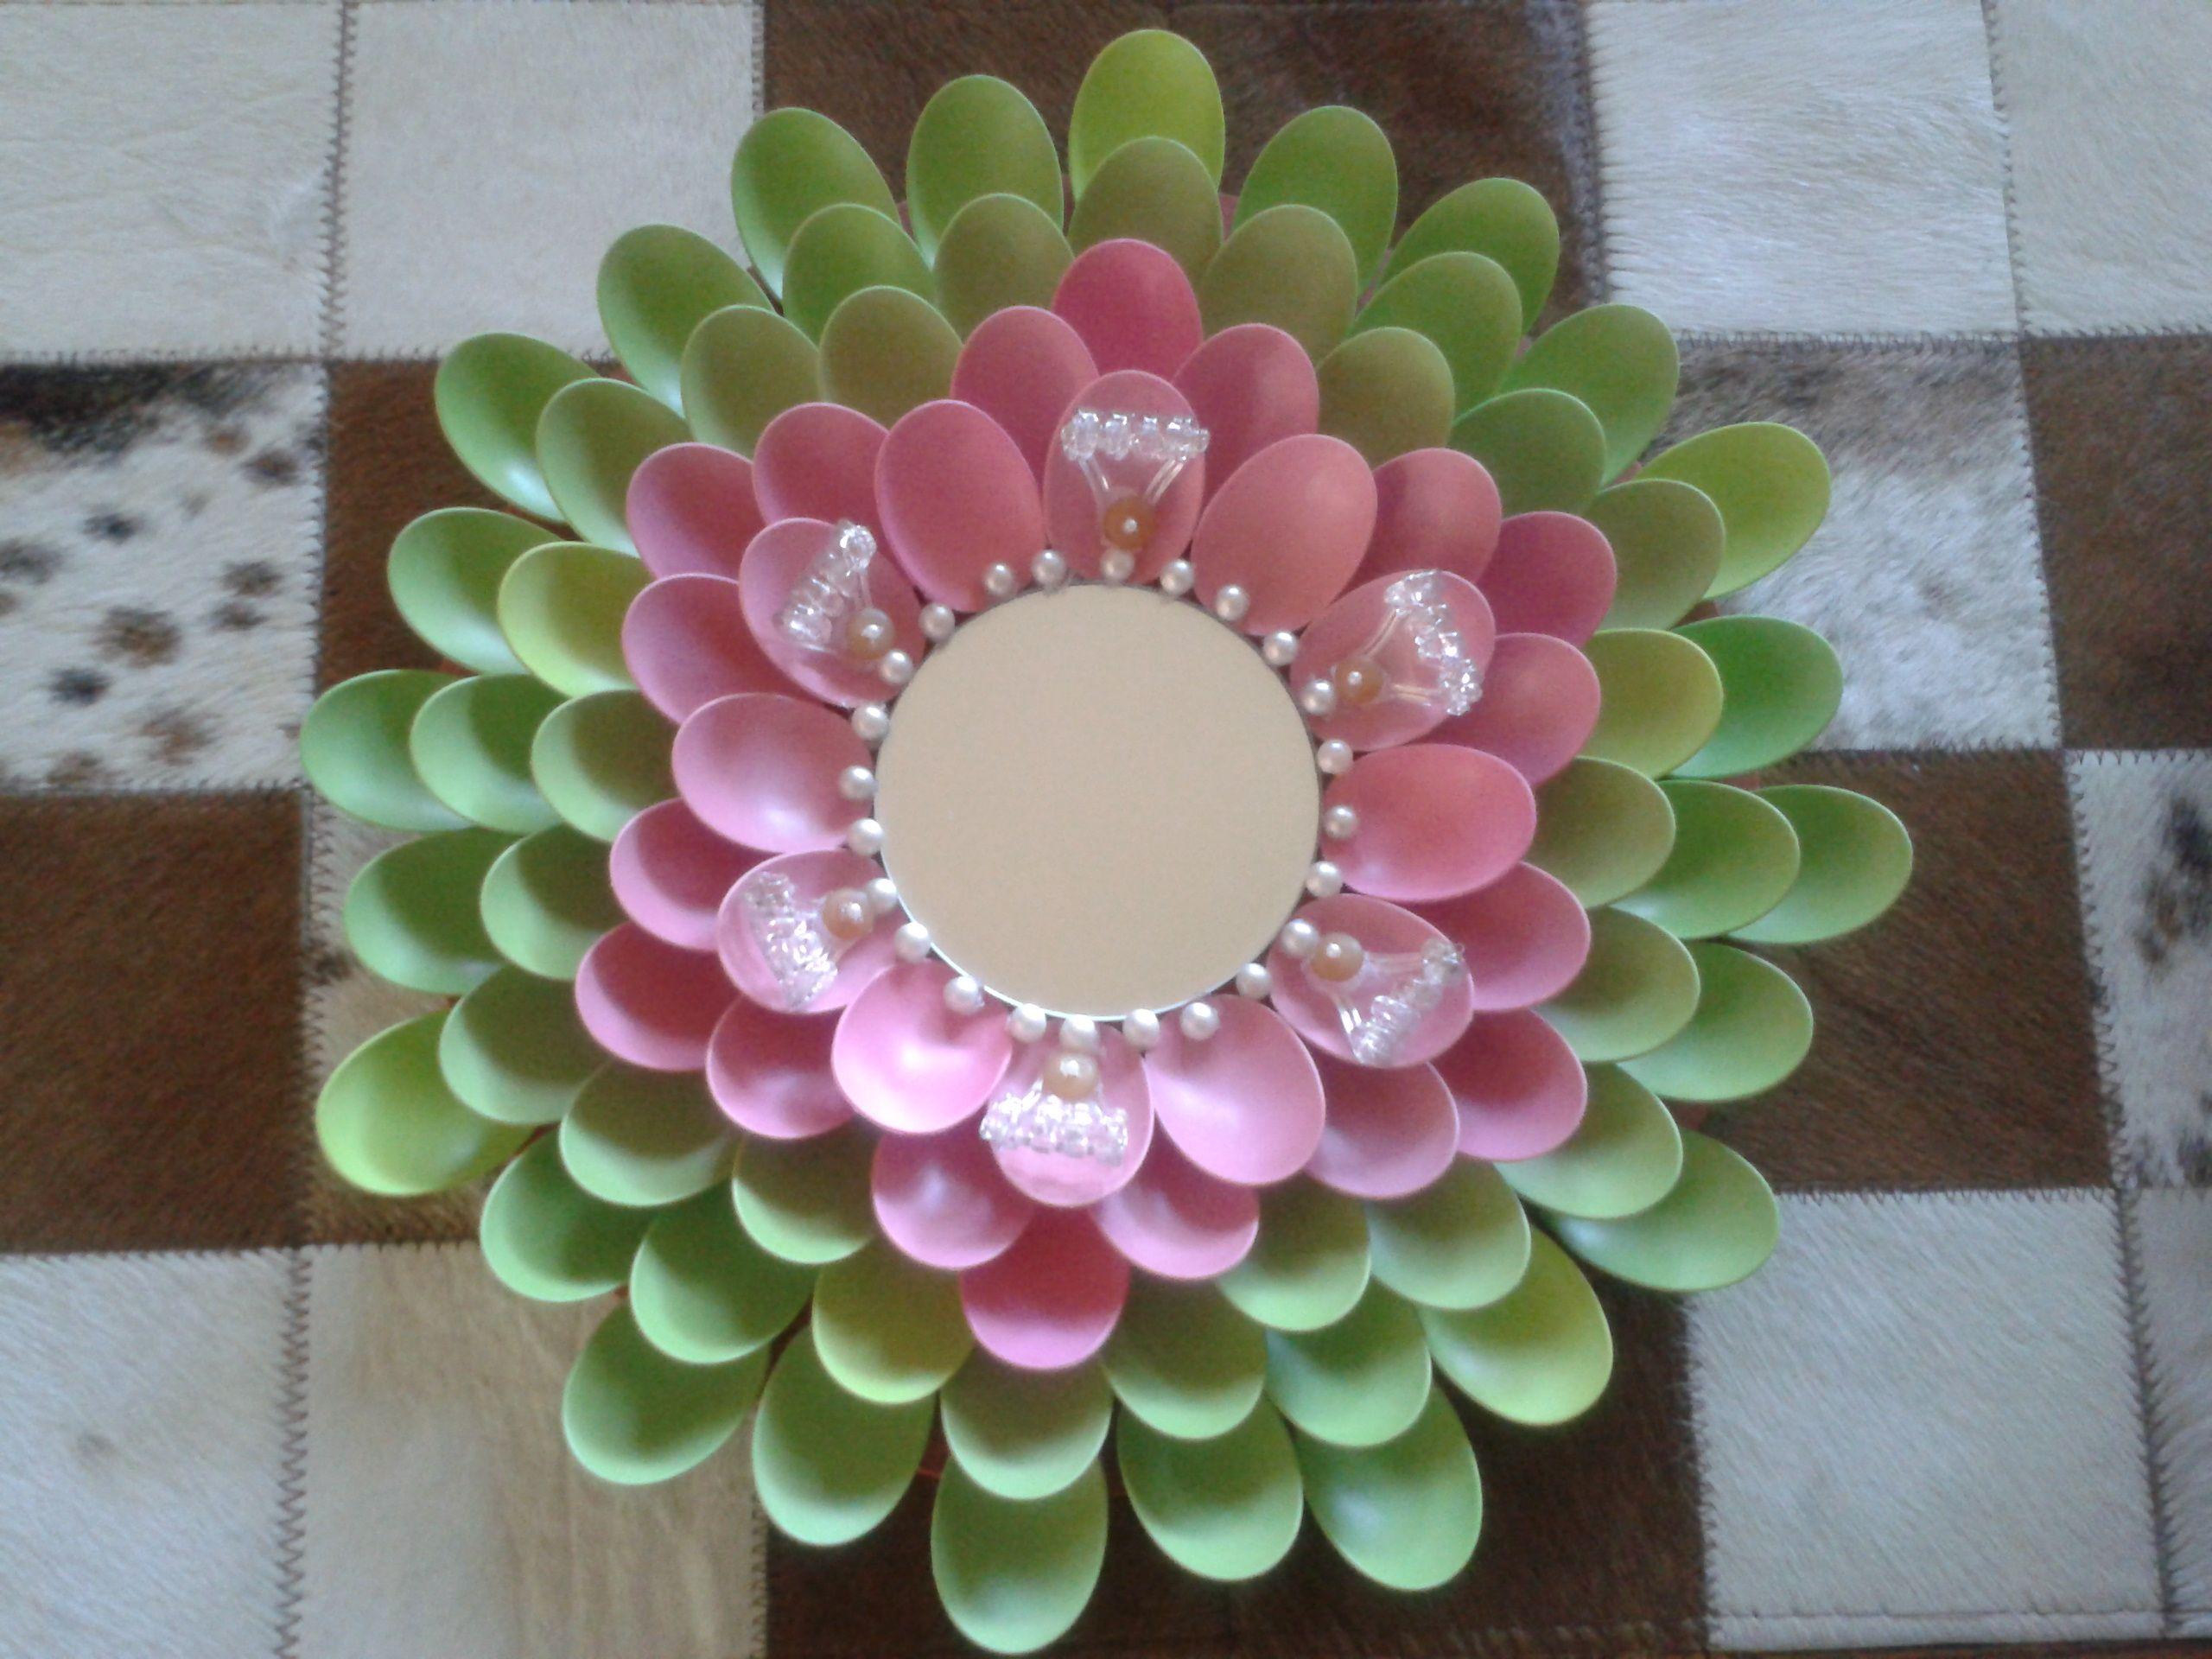 Reciclaje espejo con cucharas para tomar helado que - Espejos para manualidades ...